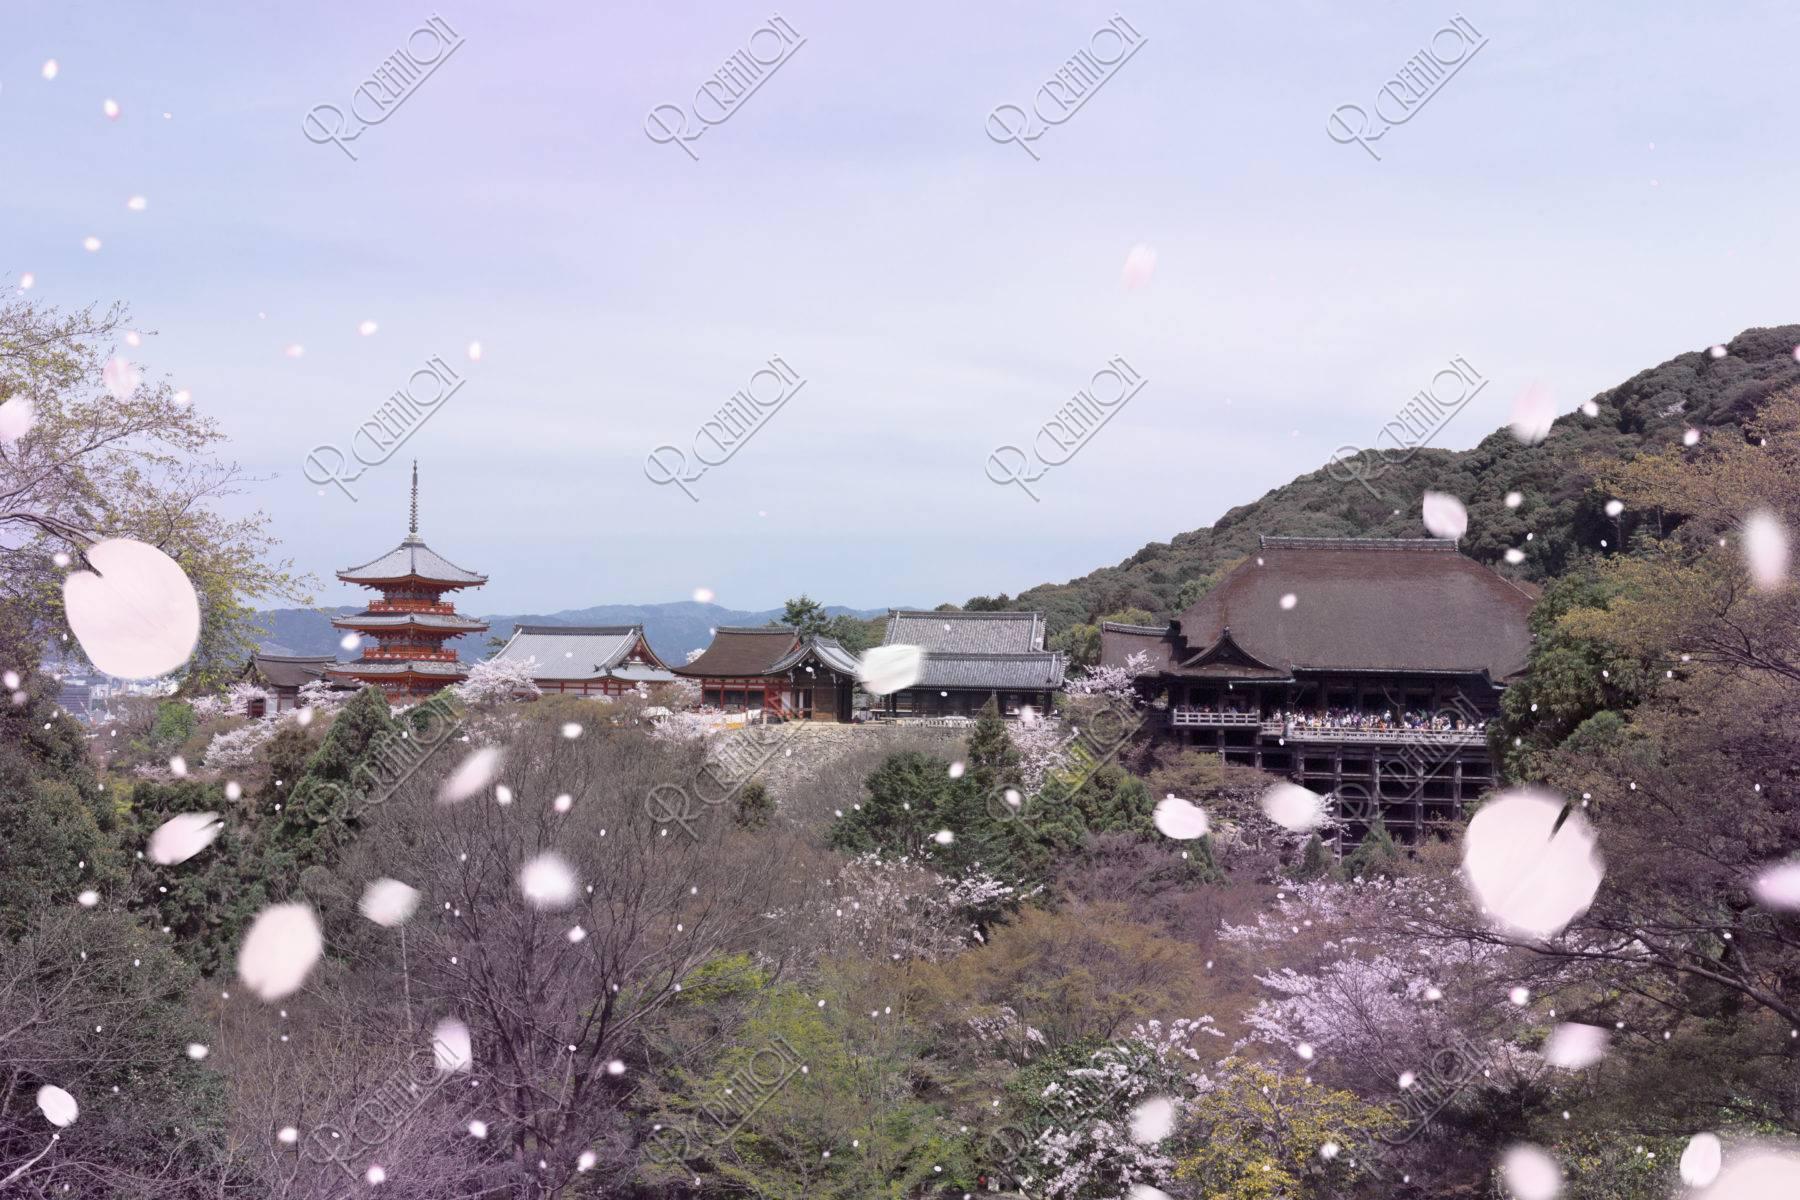 清水寺と桜吹雪